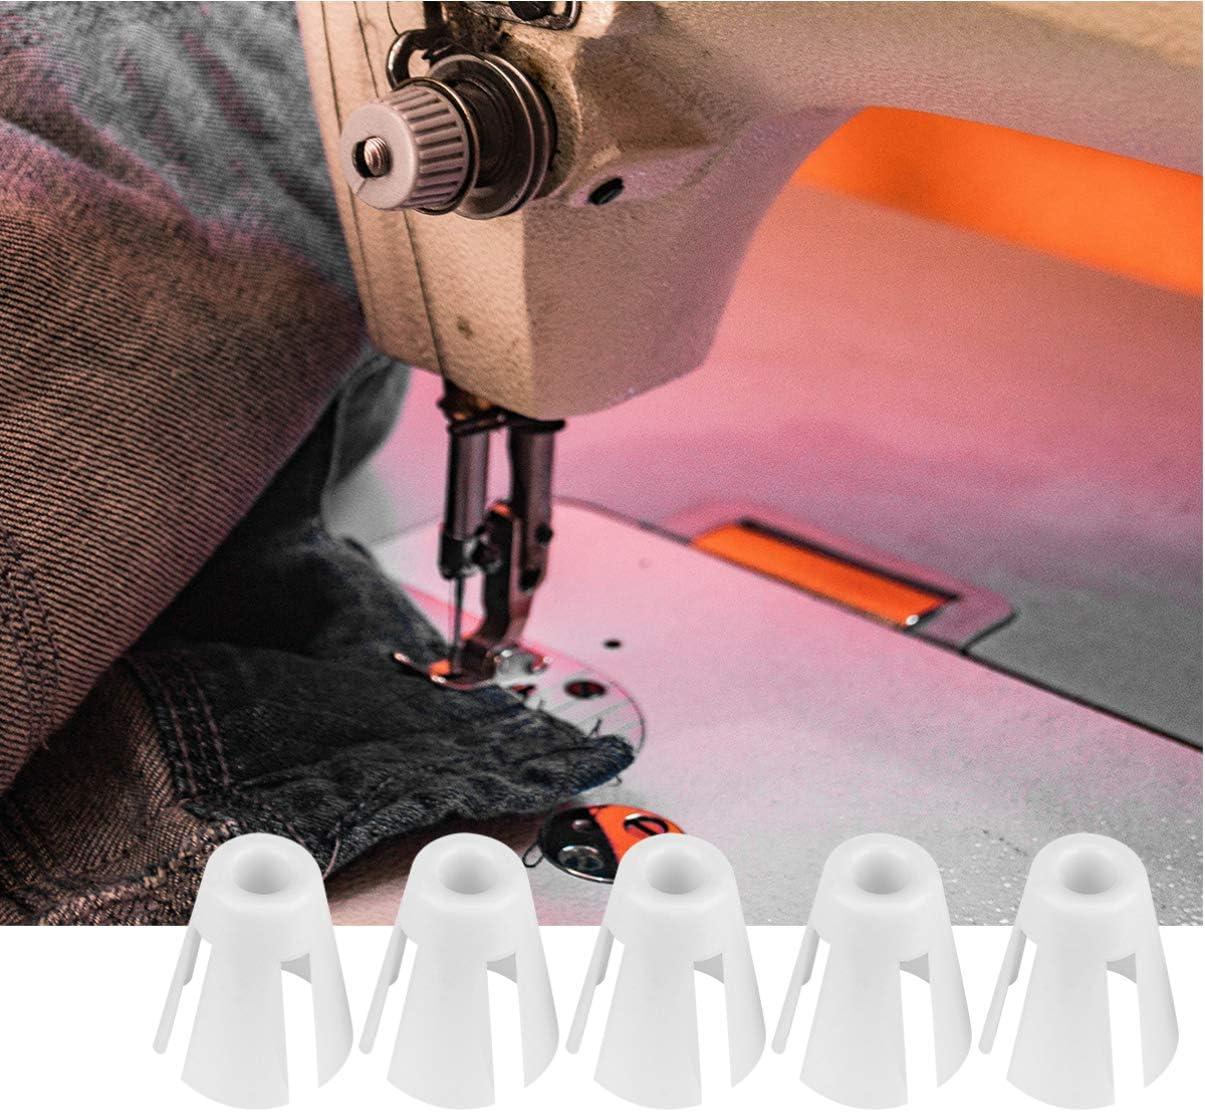 EXCEART 20 Pz Porta-Bobina Clip Bobine Pinze per Filo Macchina da Cucire Artiglio di Fissaggio per Ricamo Trapuntatura E Filo per Cucire Bianco